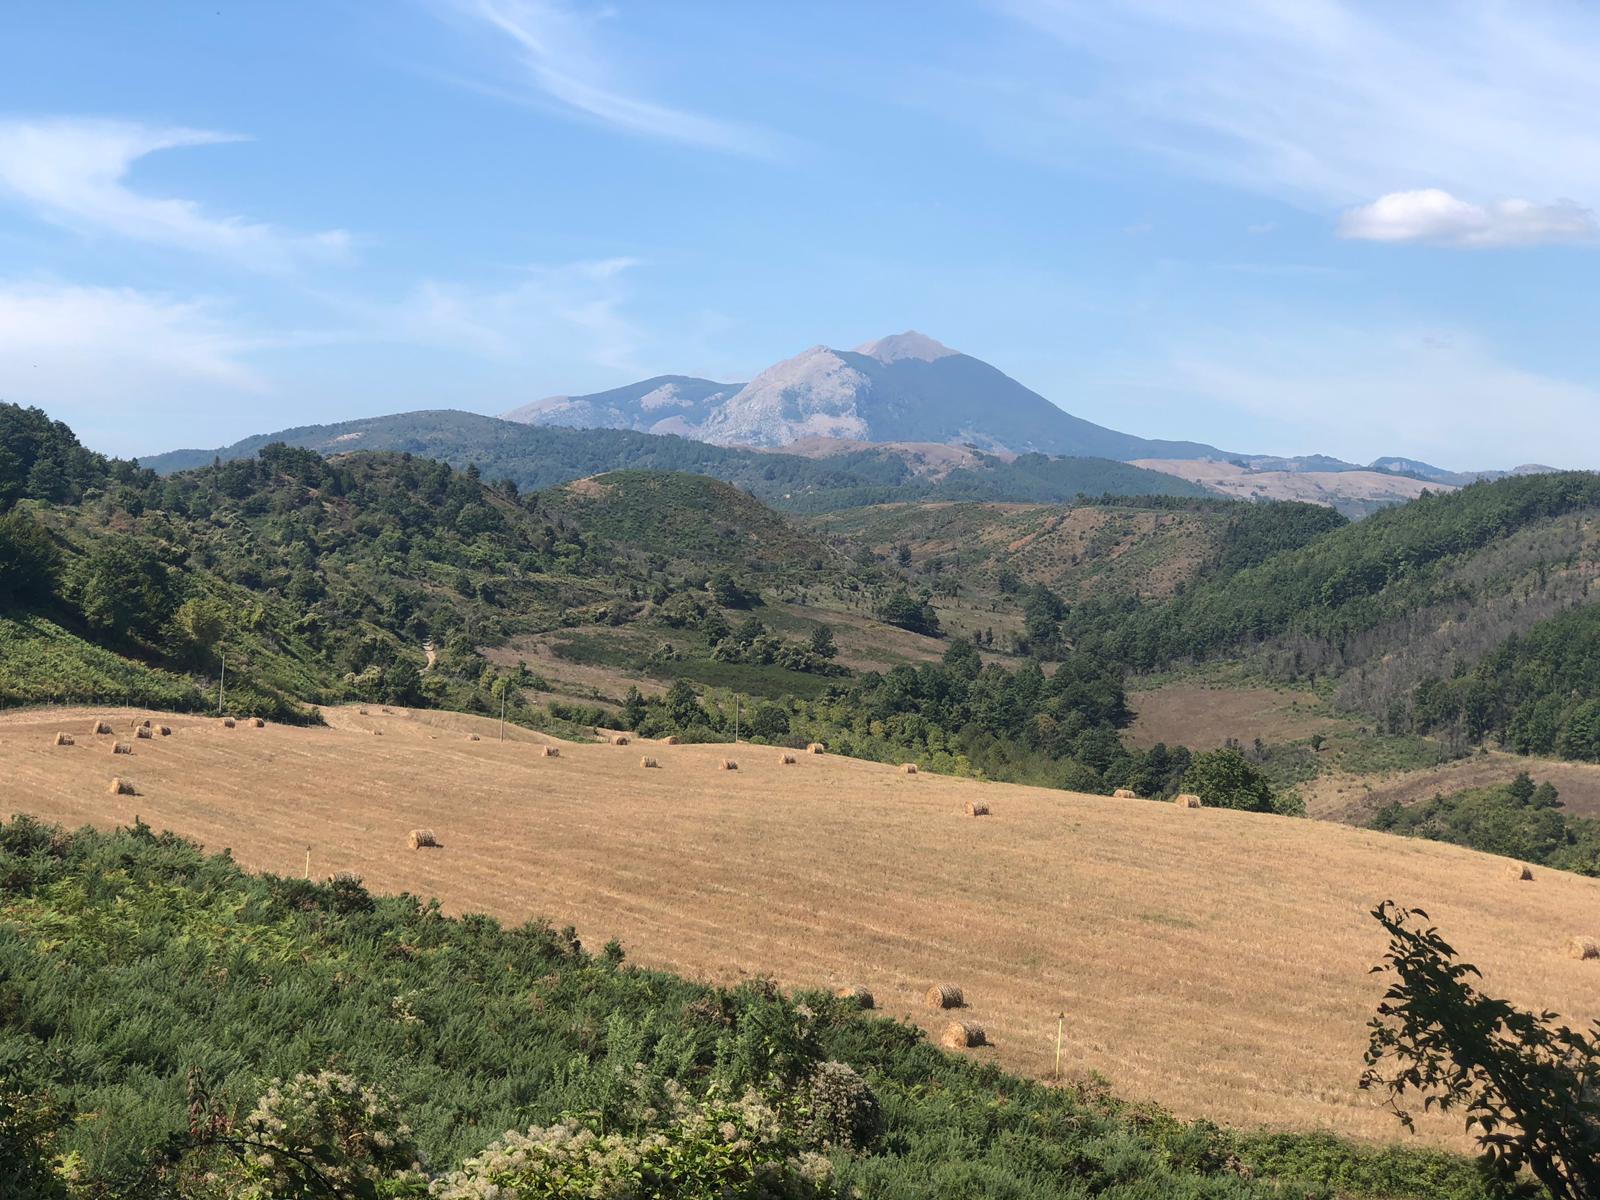 fardella-panorama-molte-alpe-serra-cerrosa